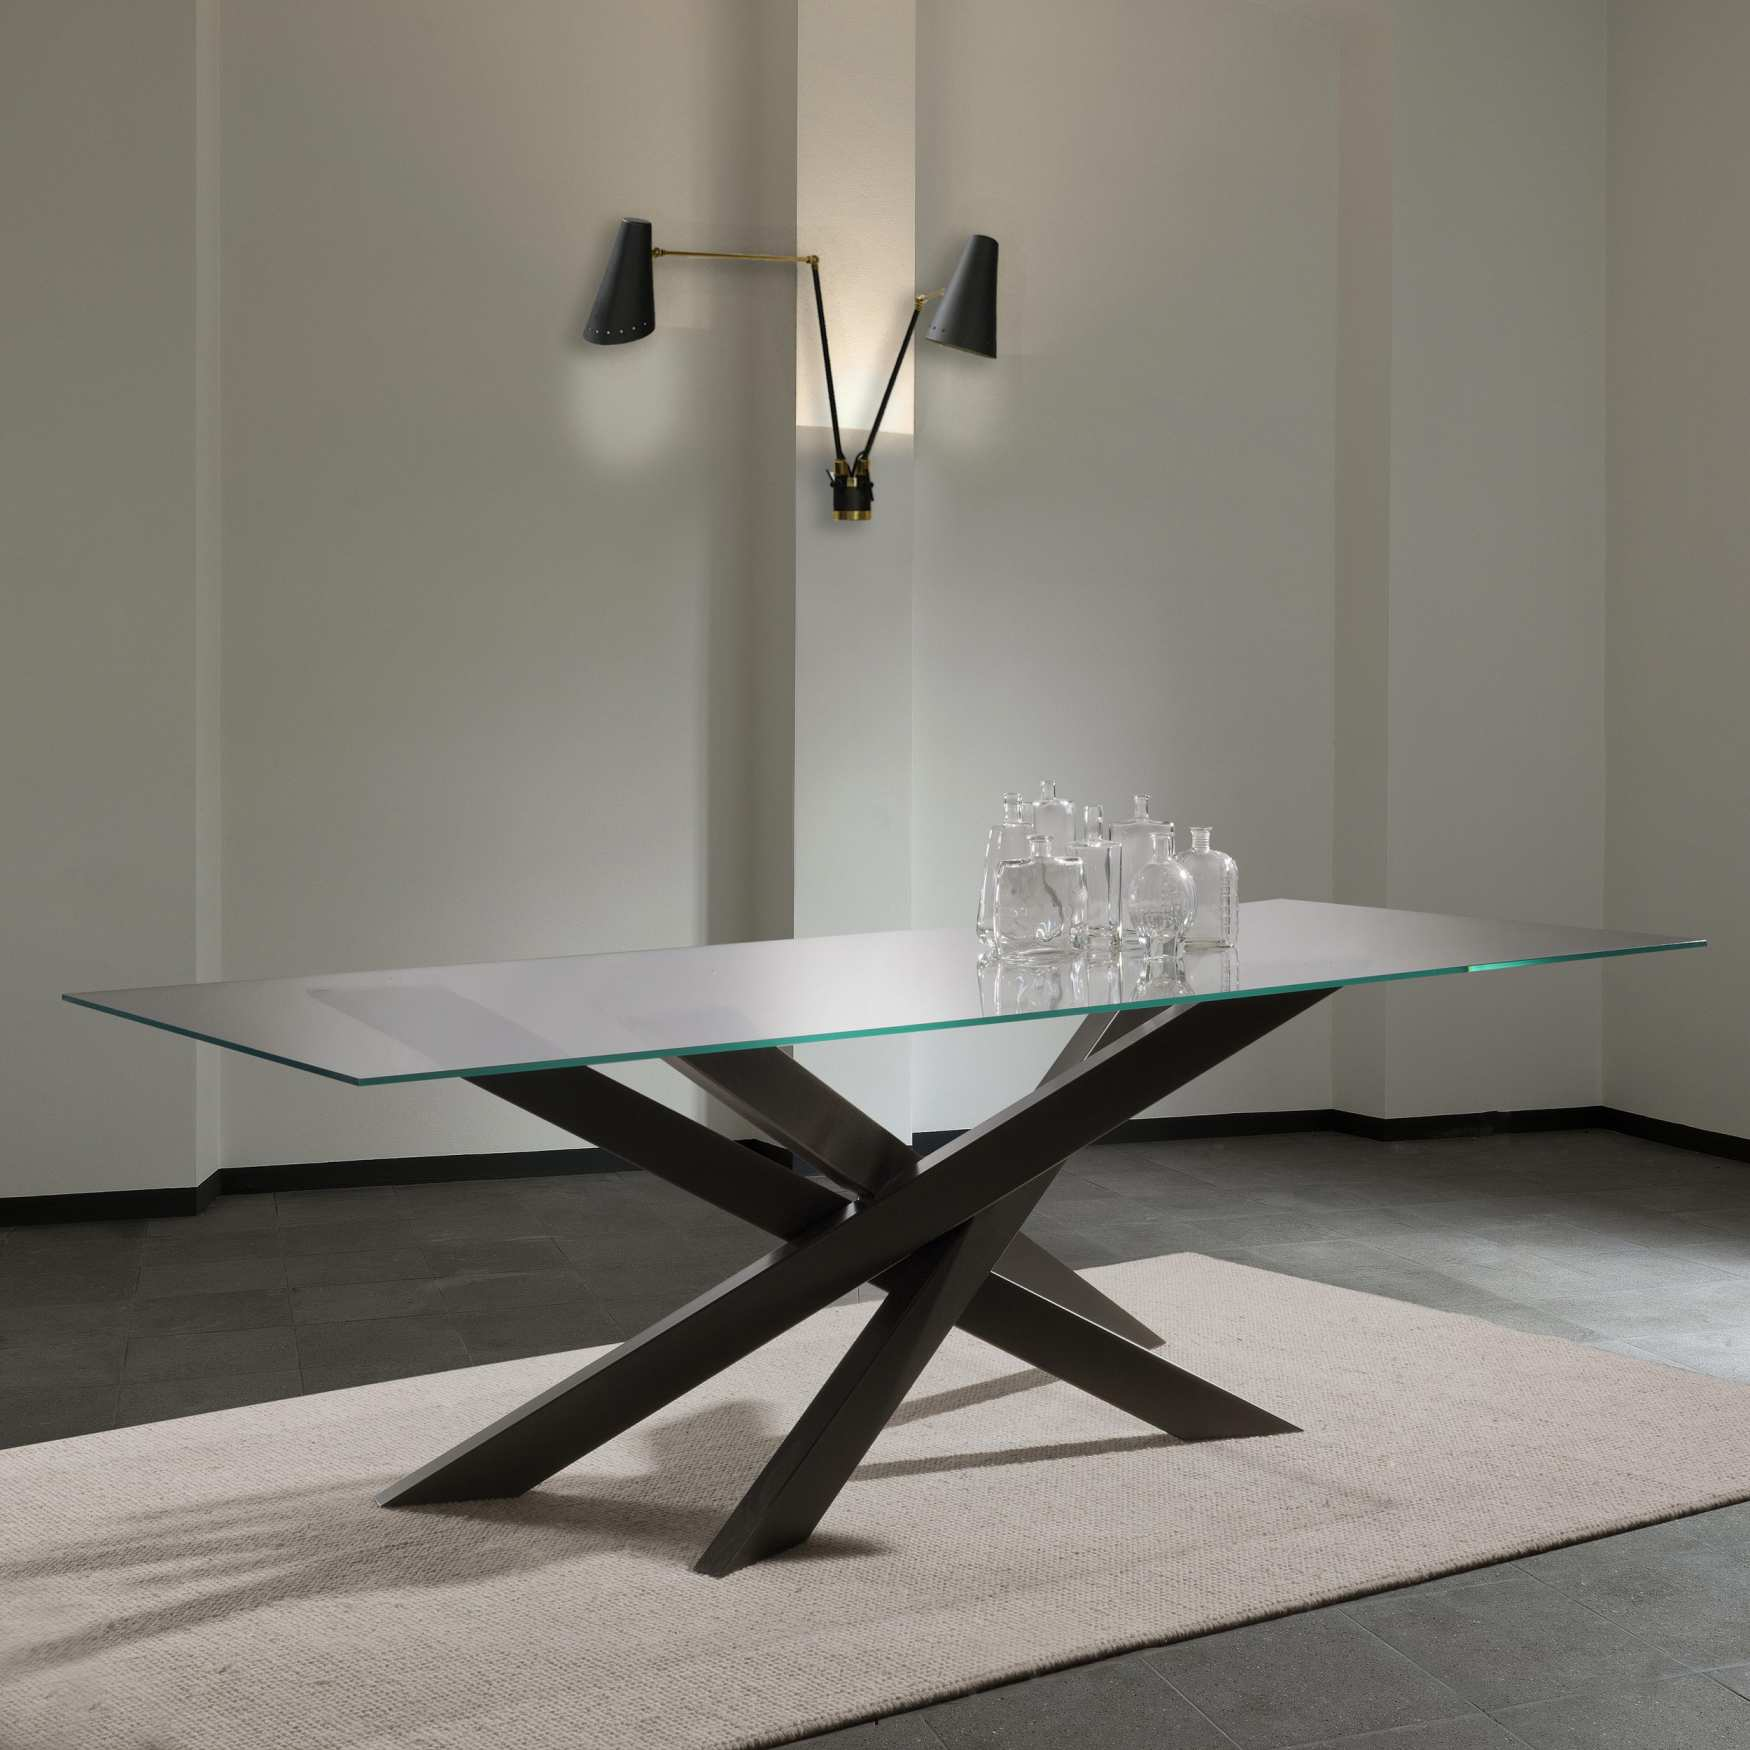 Tavoli e consolle | milanomondo